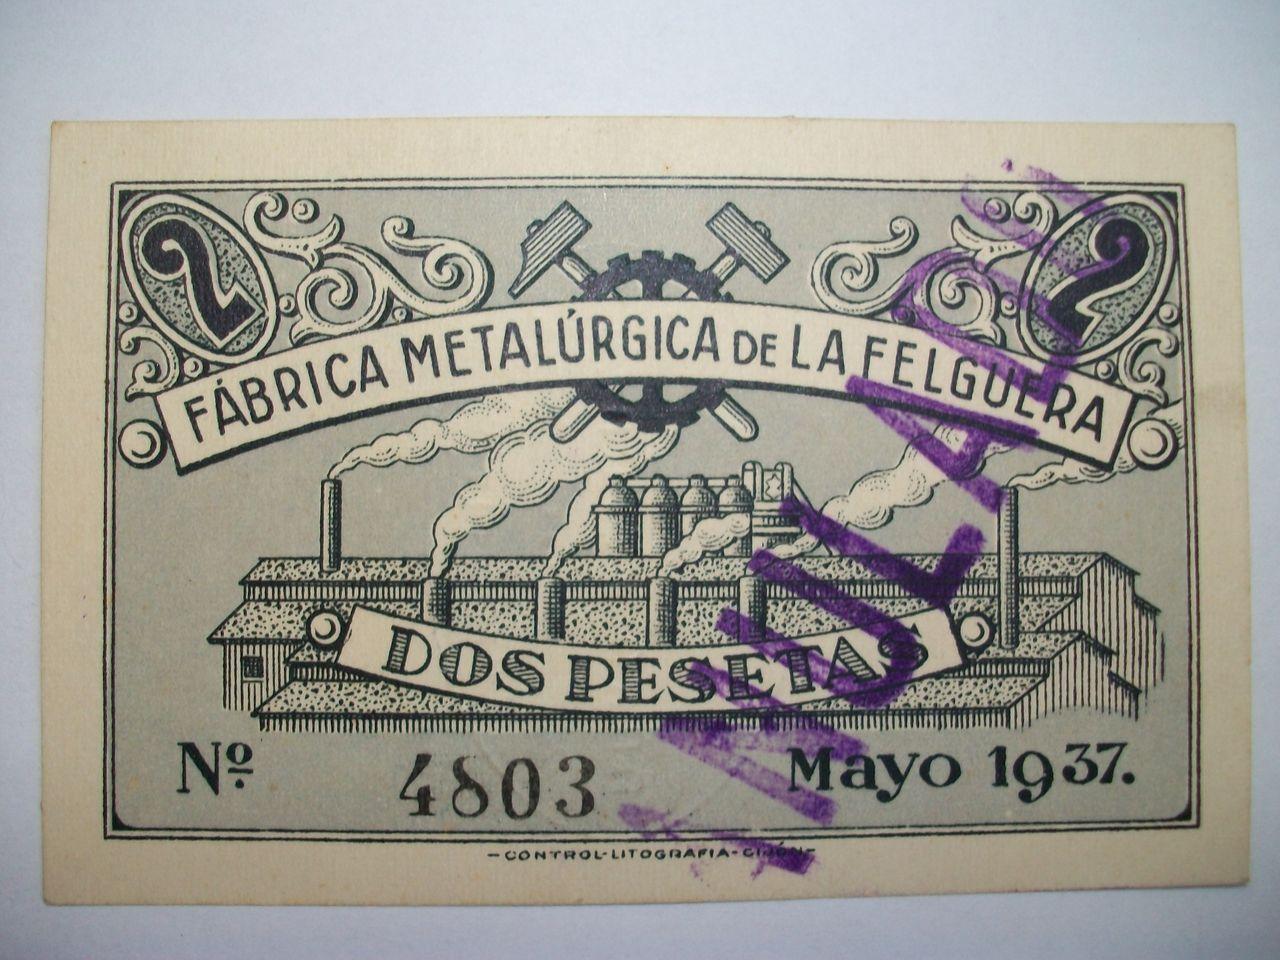 2 Ptas. Fábrica Metalúrgica de La Felguera. Marzo 1937. Anulado 100_1598